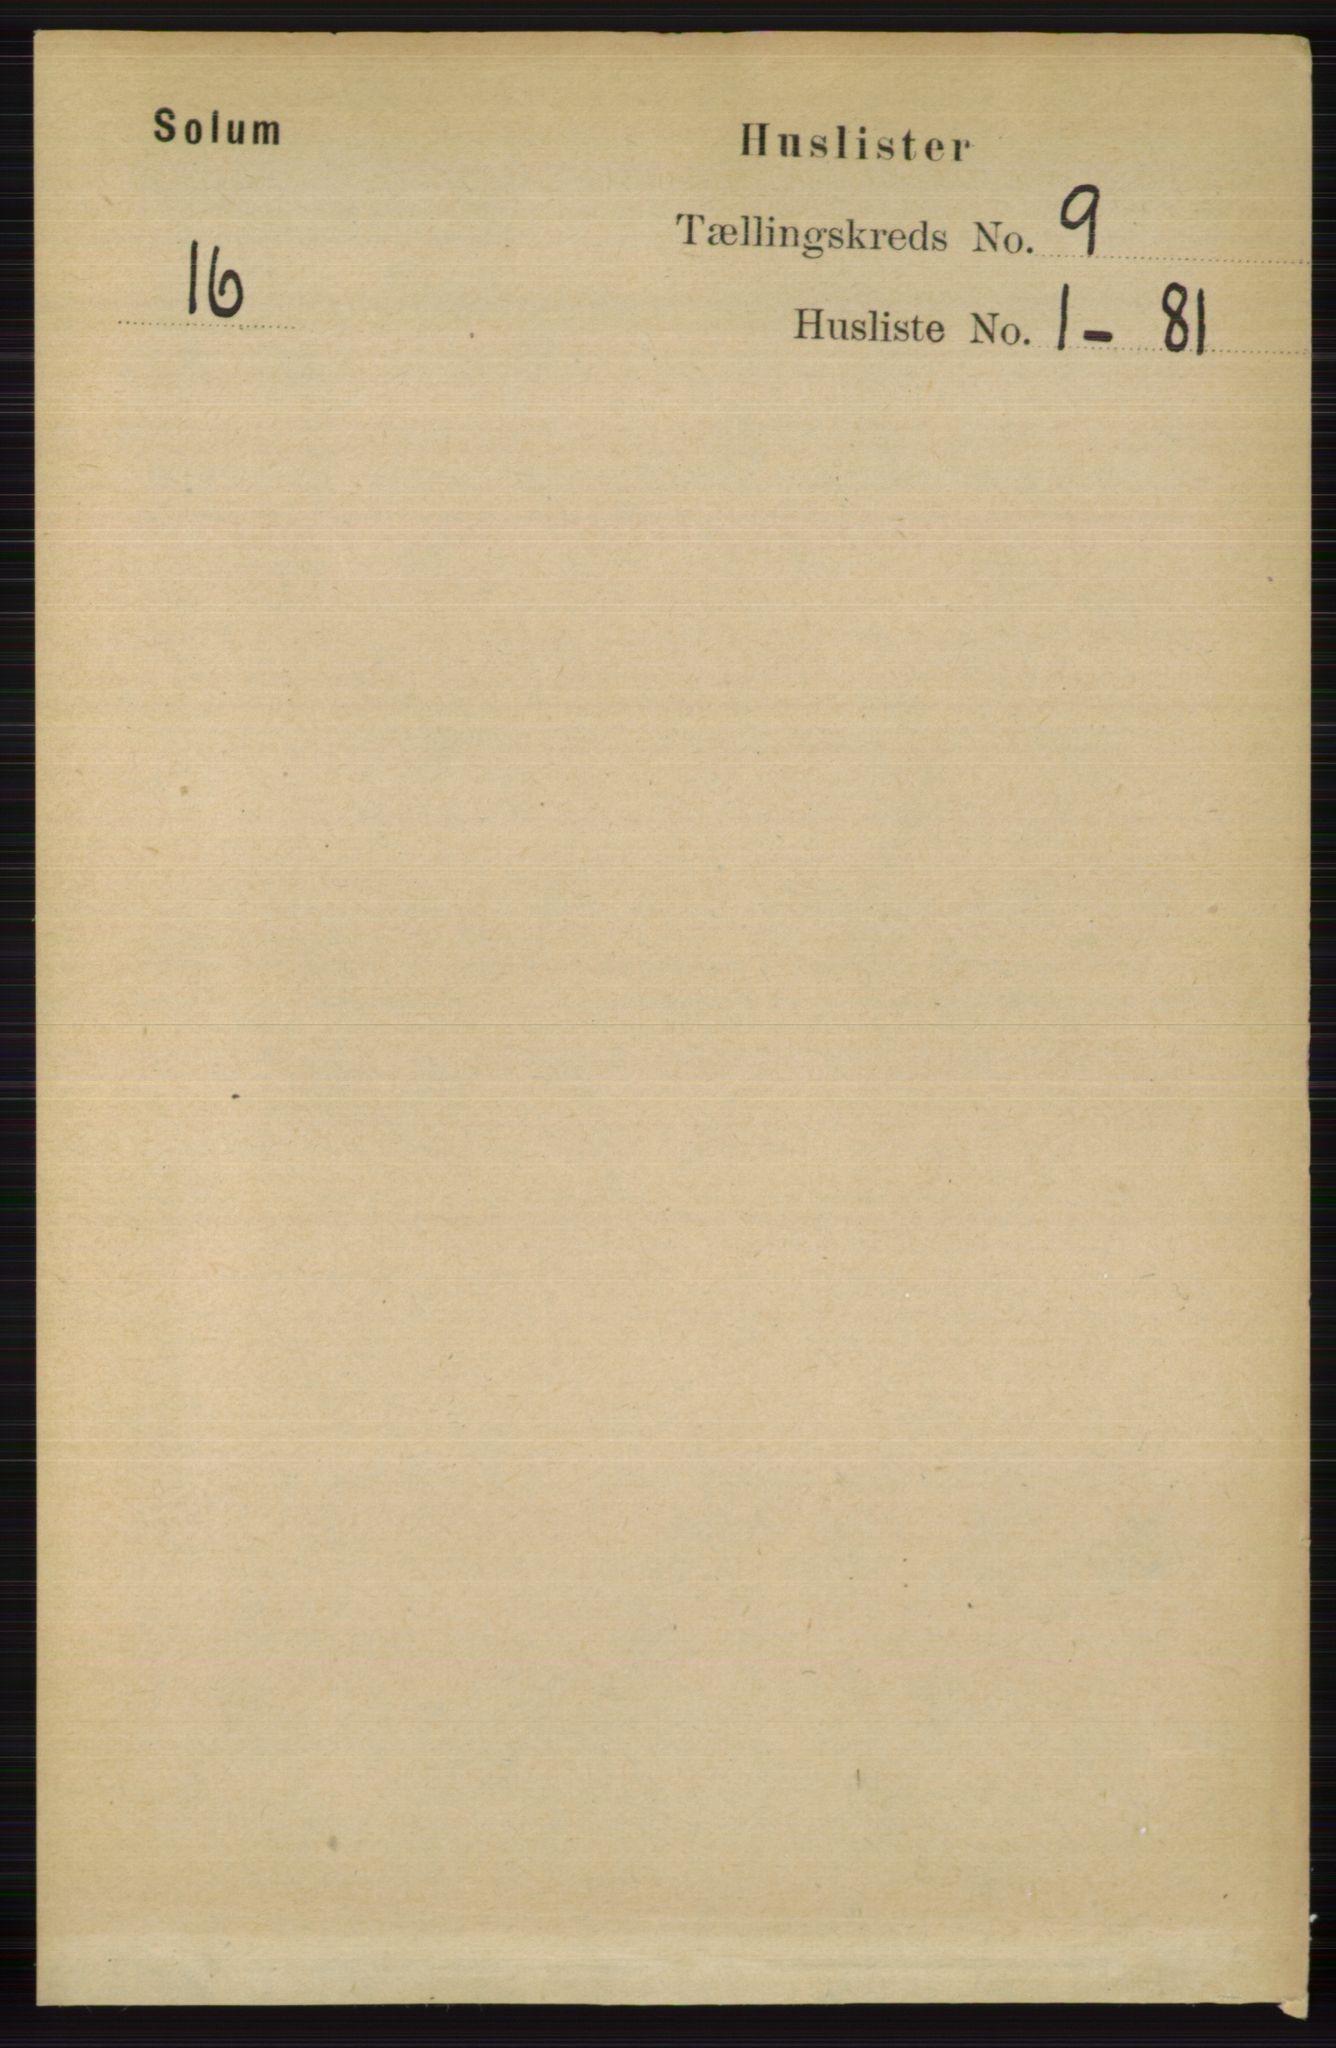 RA, Folketelling 1891 for 0818 Solum herred, 1891, s. 1857